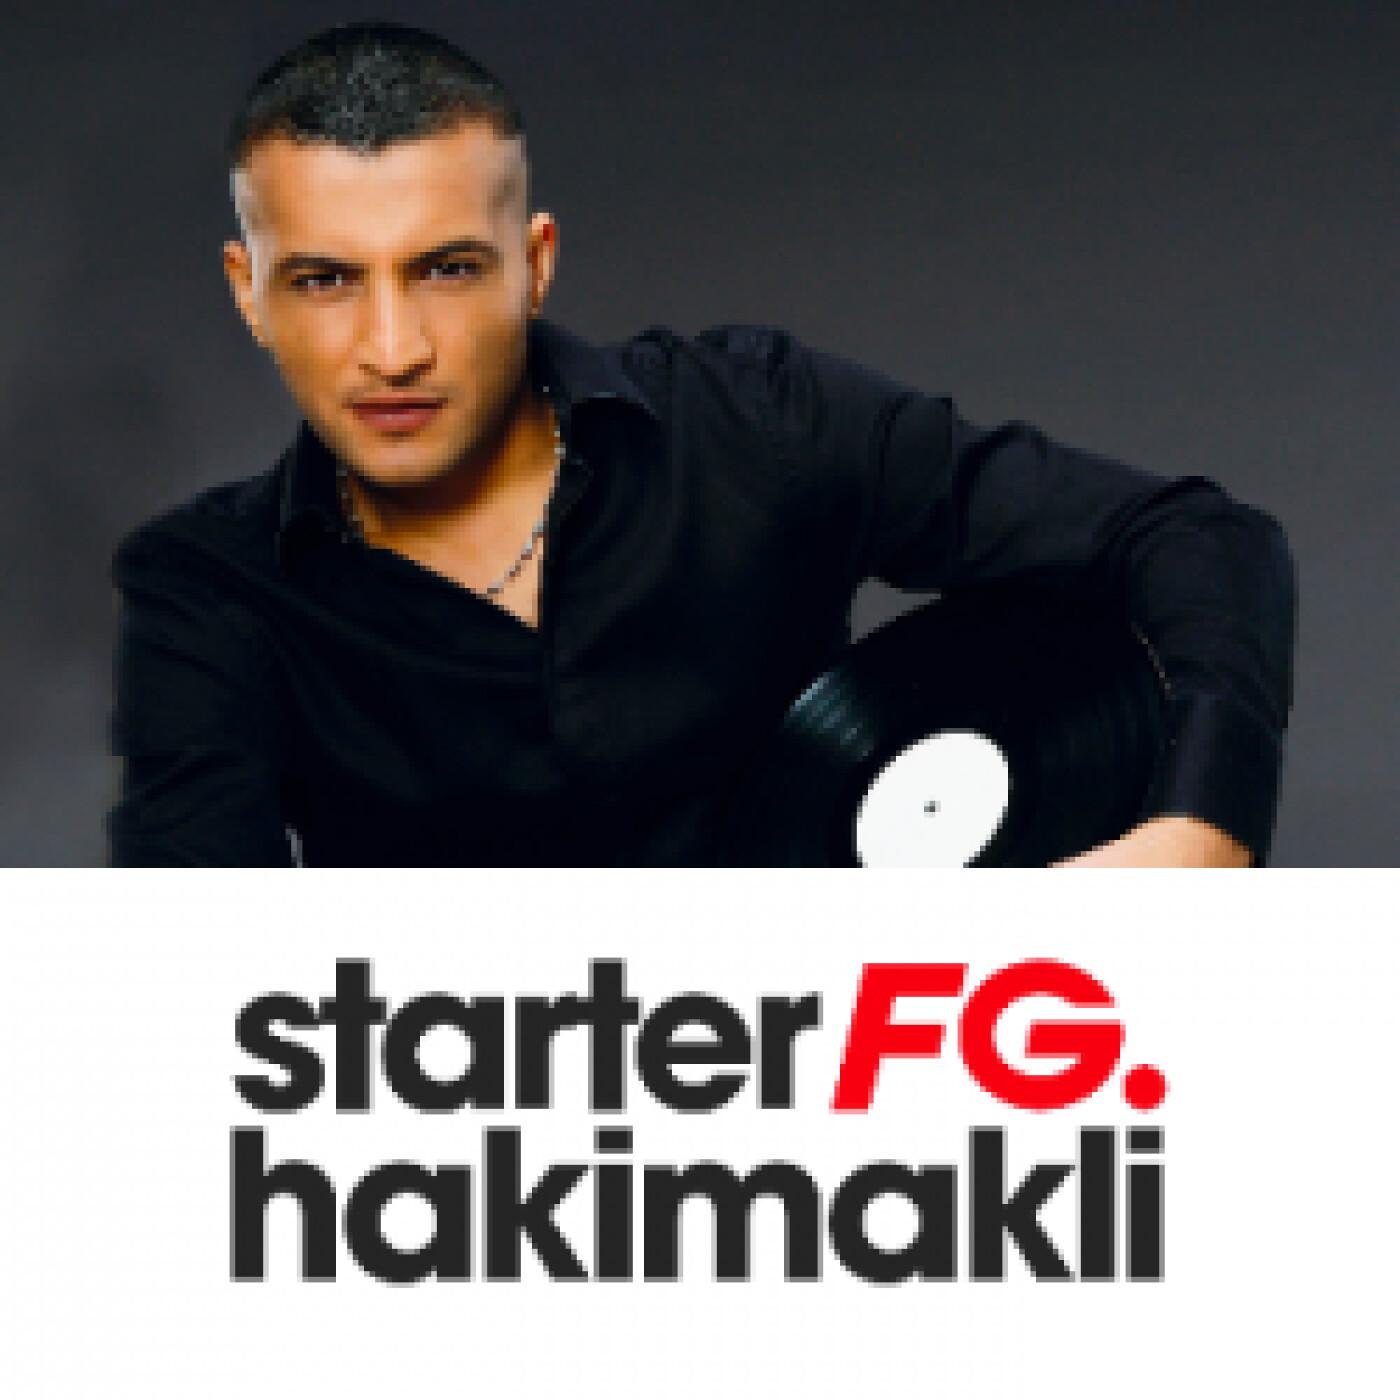 STARTER FG BY HAKIMAKLI MARDI 15 2021